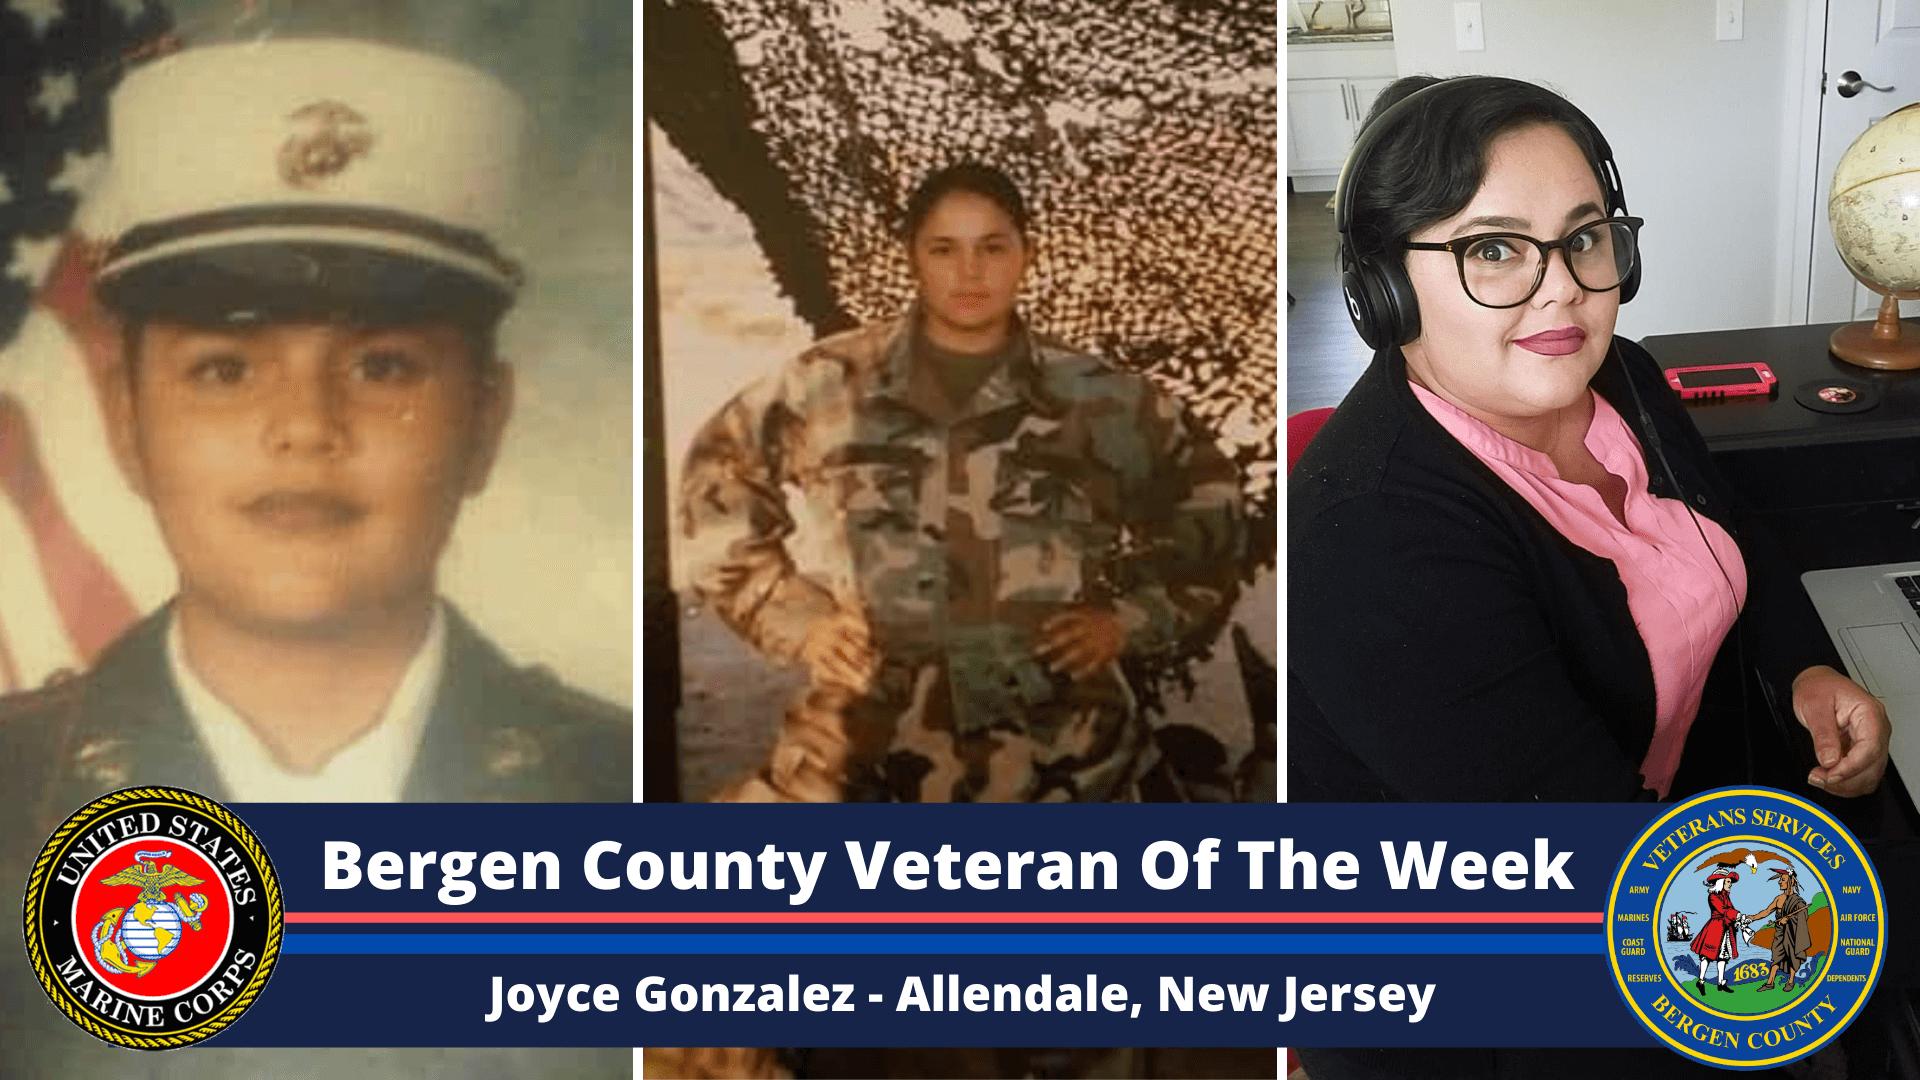 Bergen County Veteran of the Week: Joyce Gonzalez